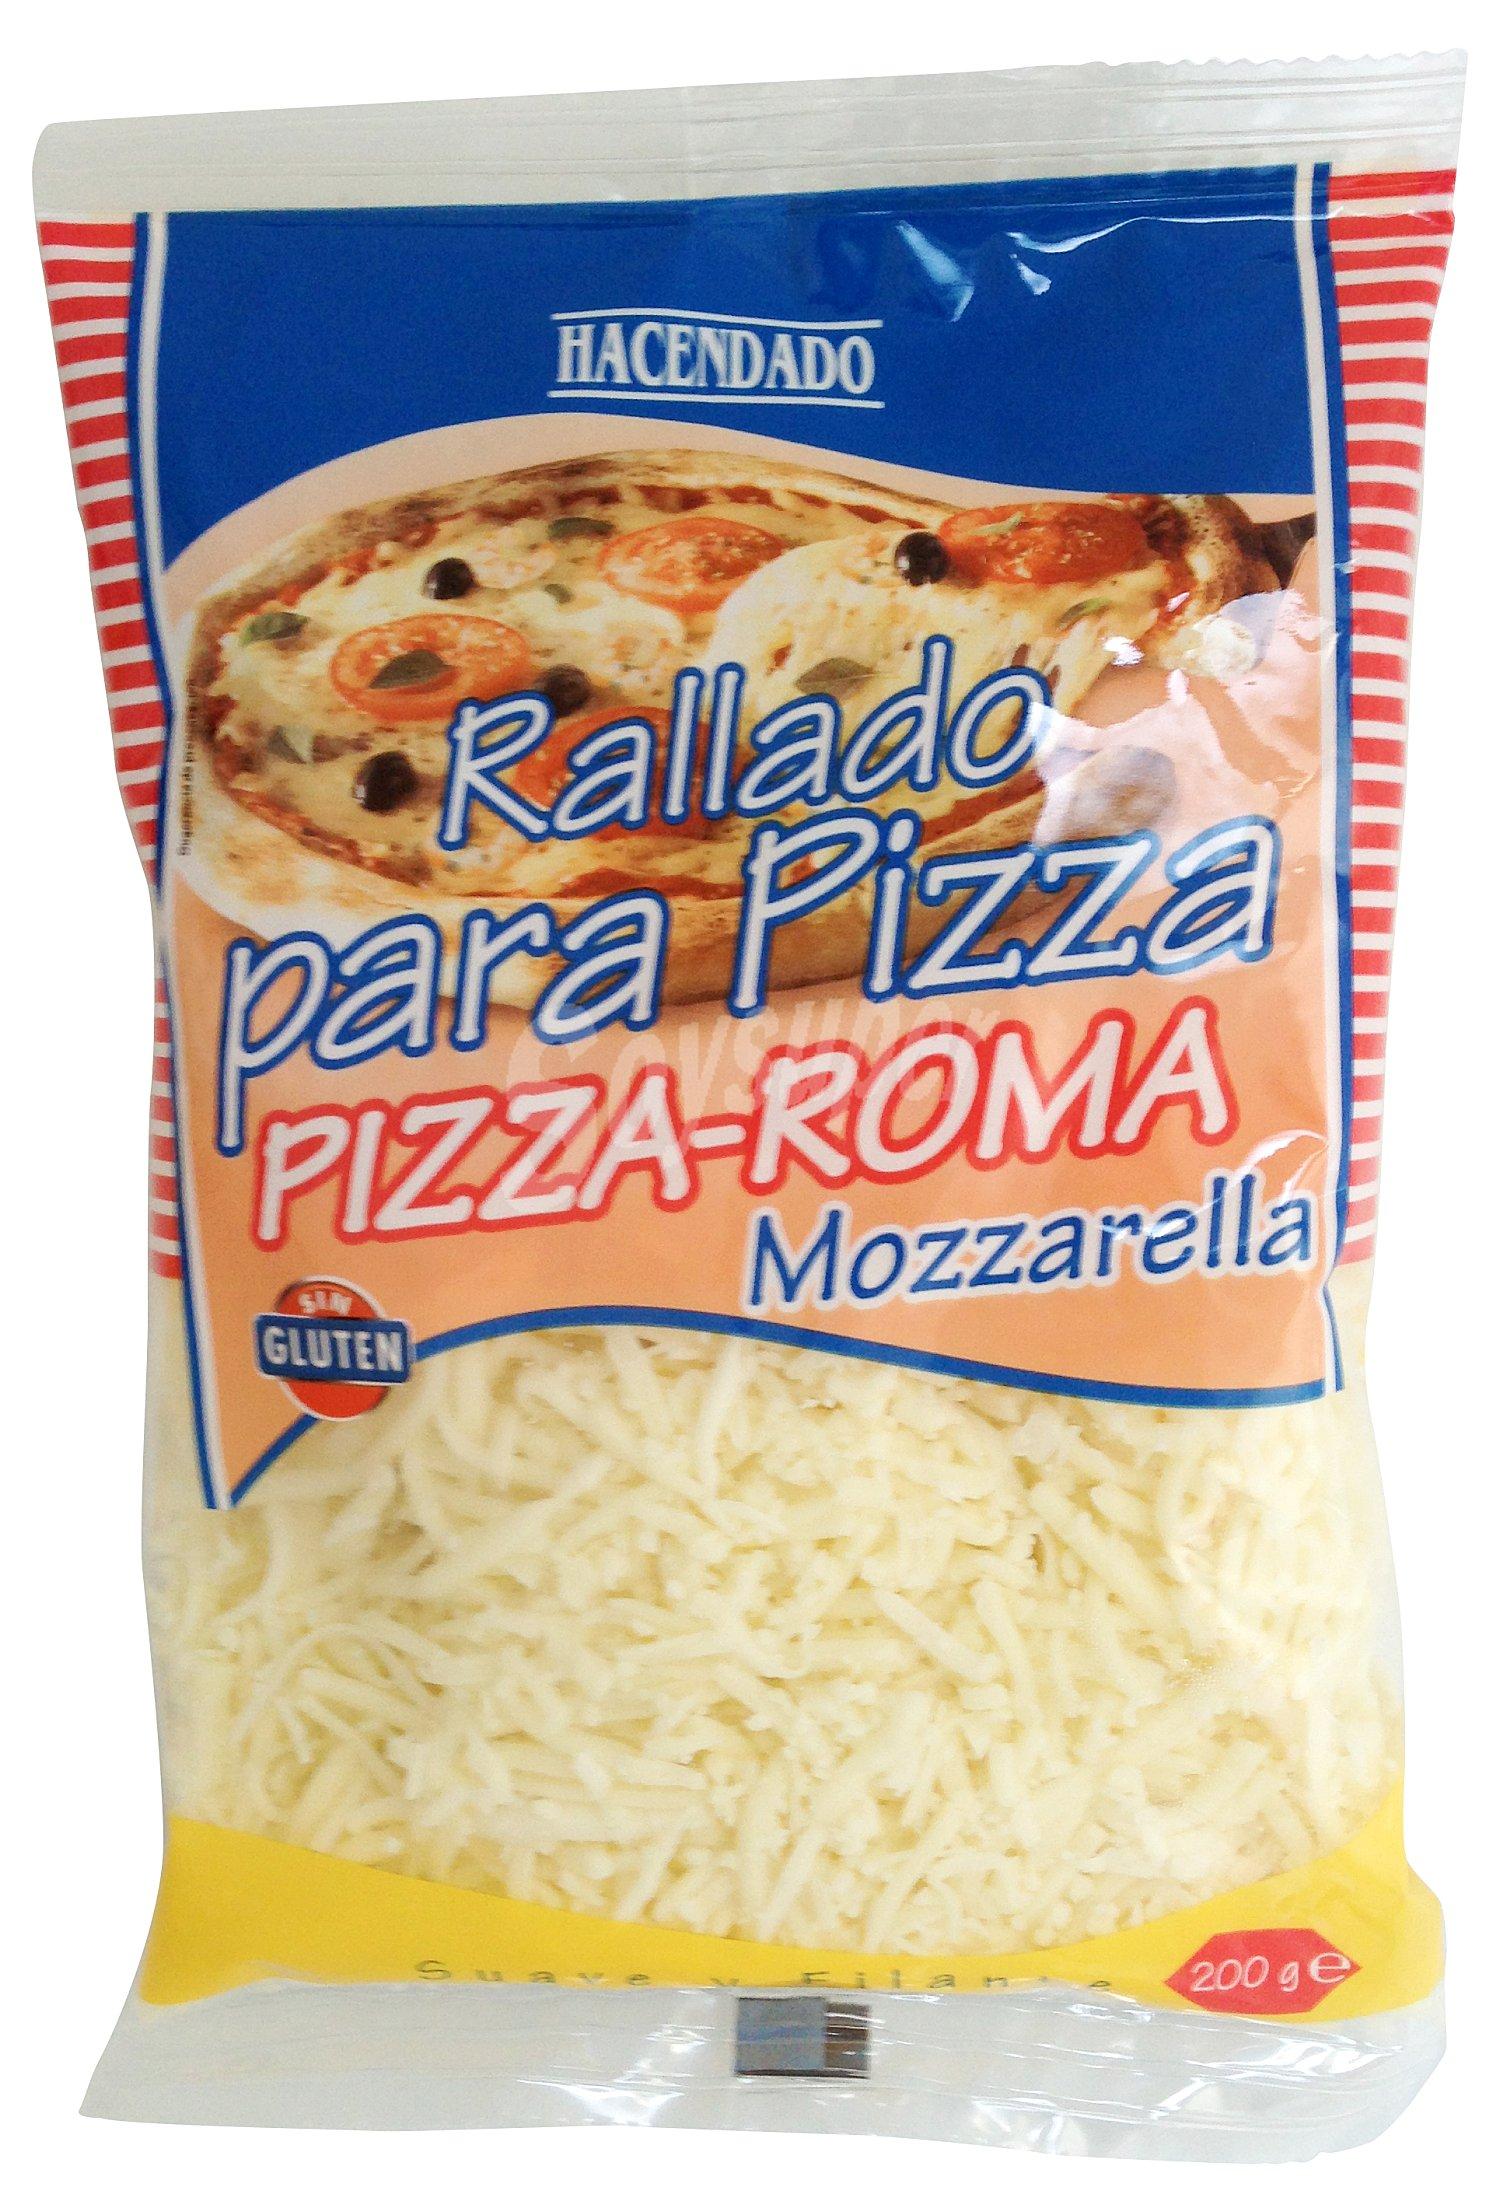 etiquetas de los alimentos 7